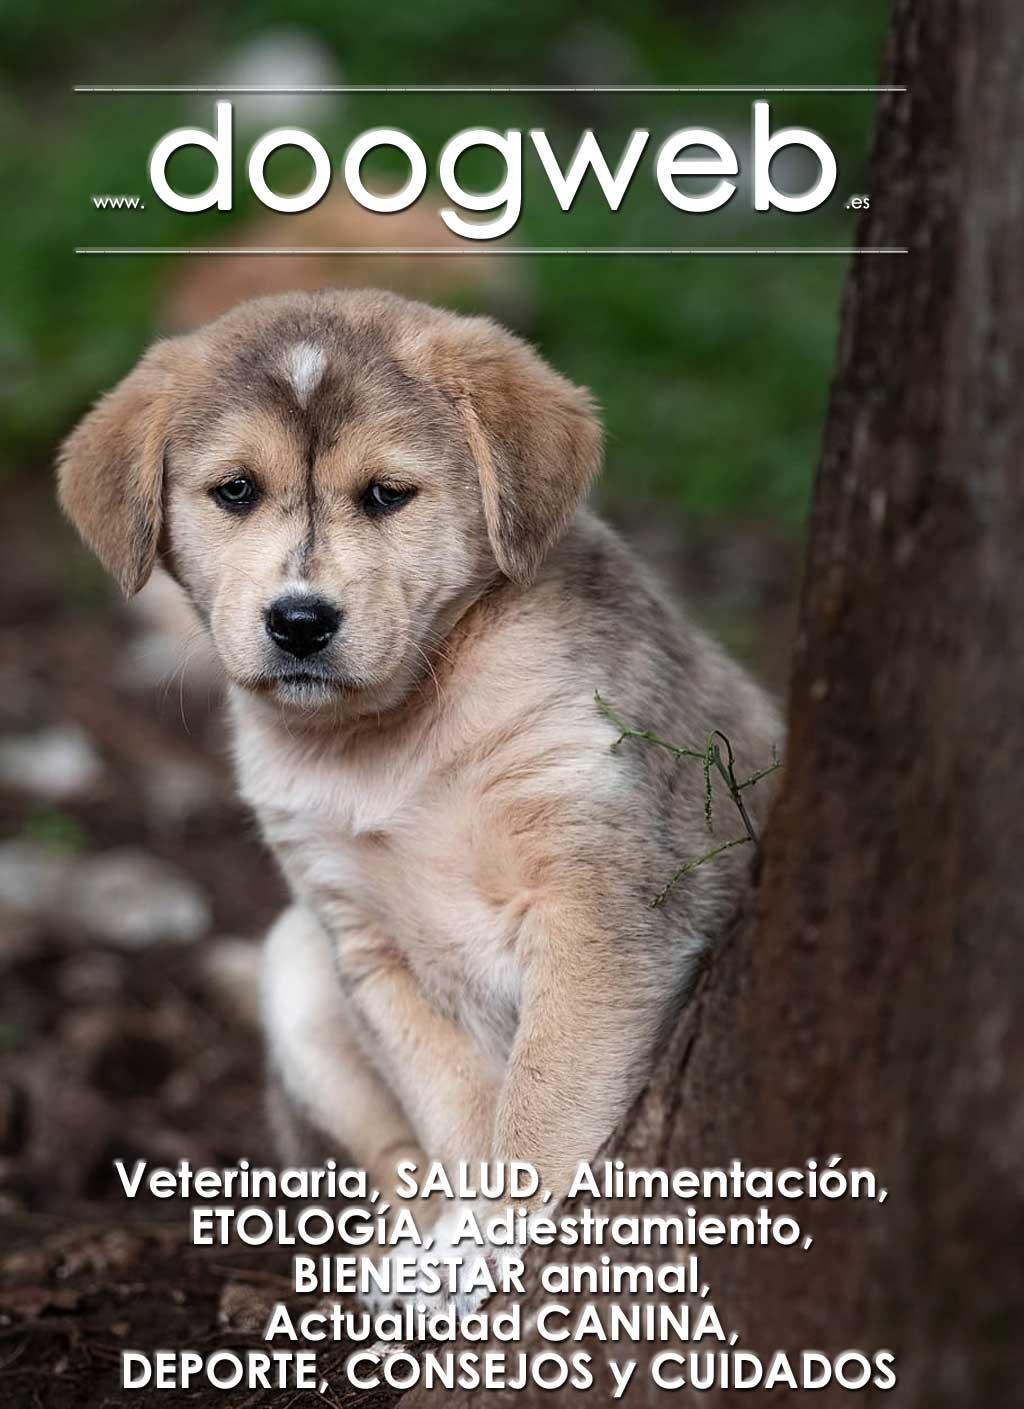 Revista gratis doogweb nº 87, diciembre 2019.